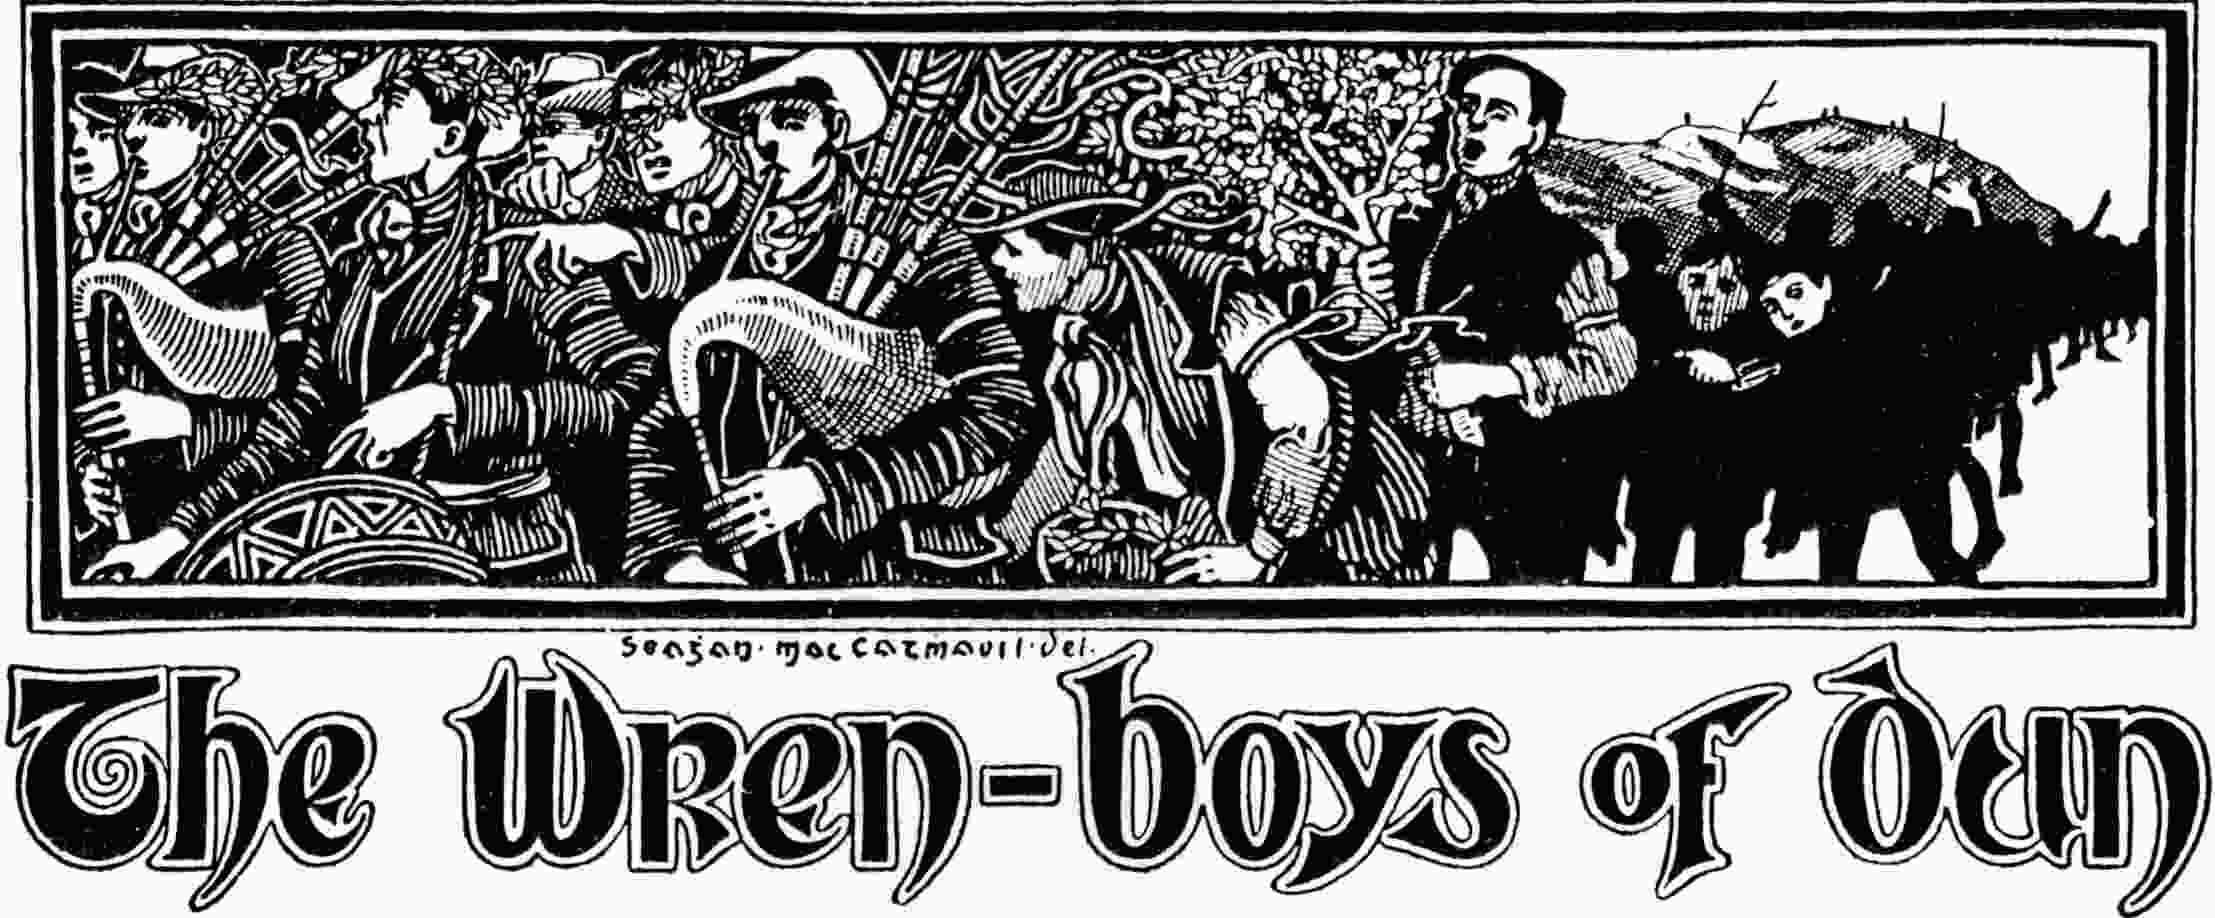 The Wren-boys of Dun by John Campbell